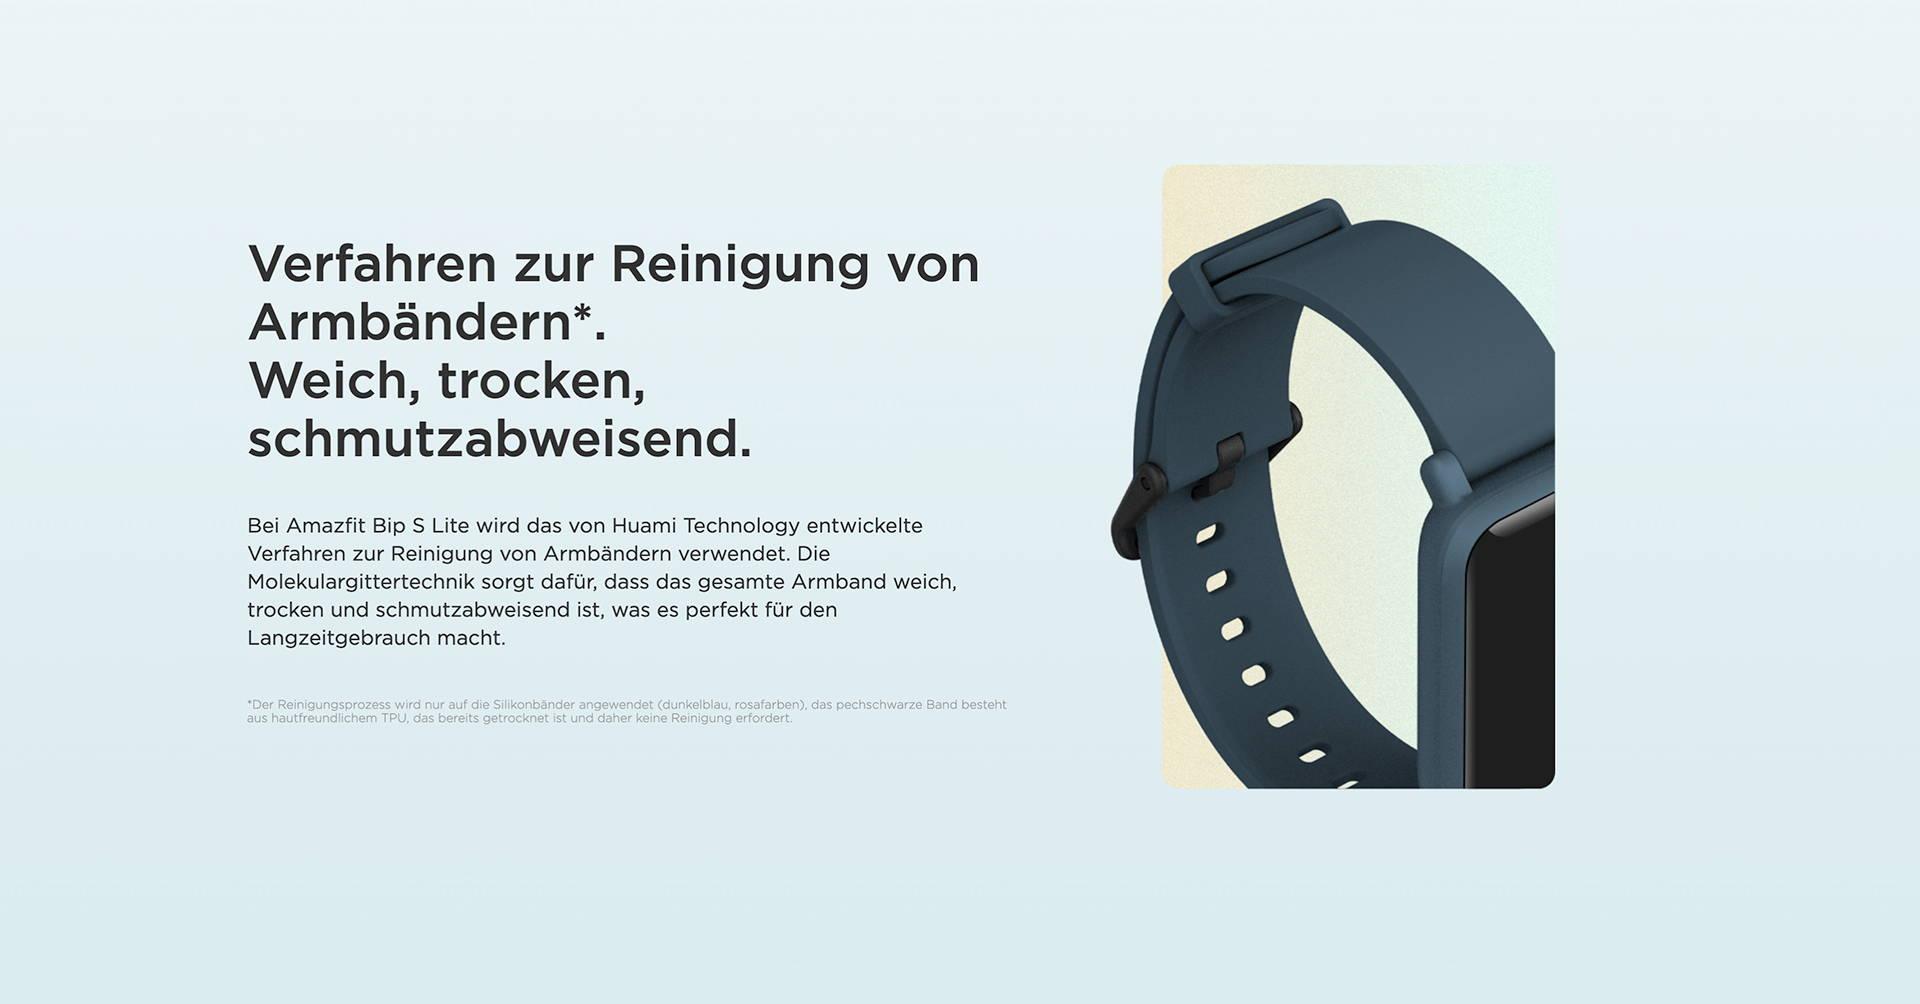 Amazfit DE - Amazfit Bip S Lite - Verfahren zur Reinigung von Armbändern. | Weich, trocken, schmutzabweisend.